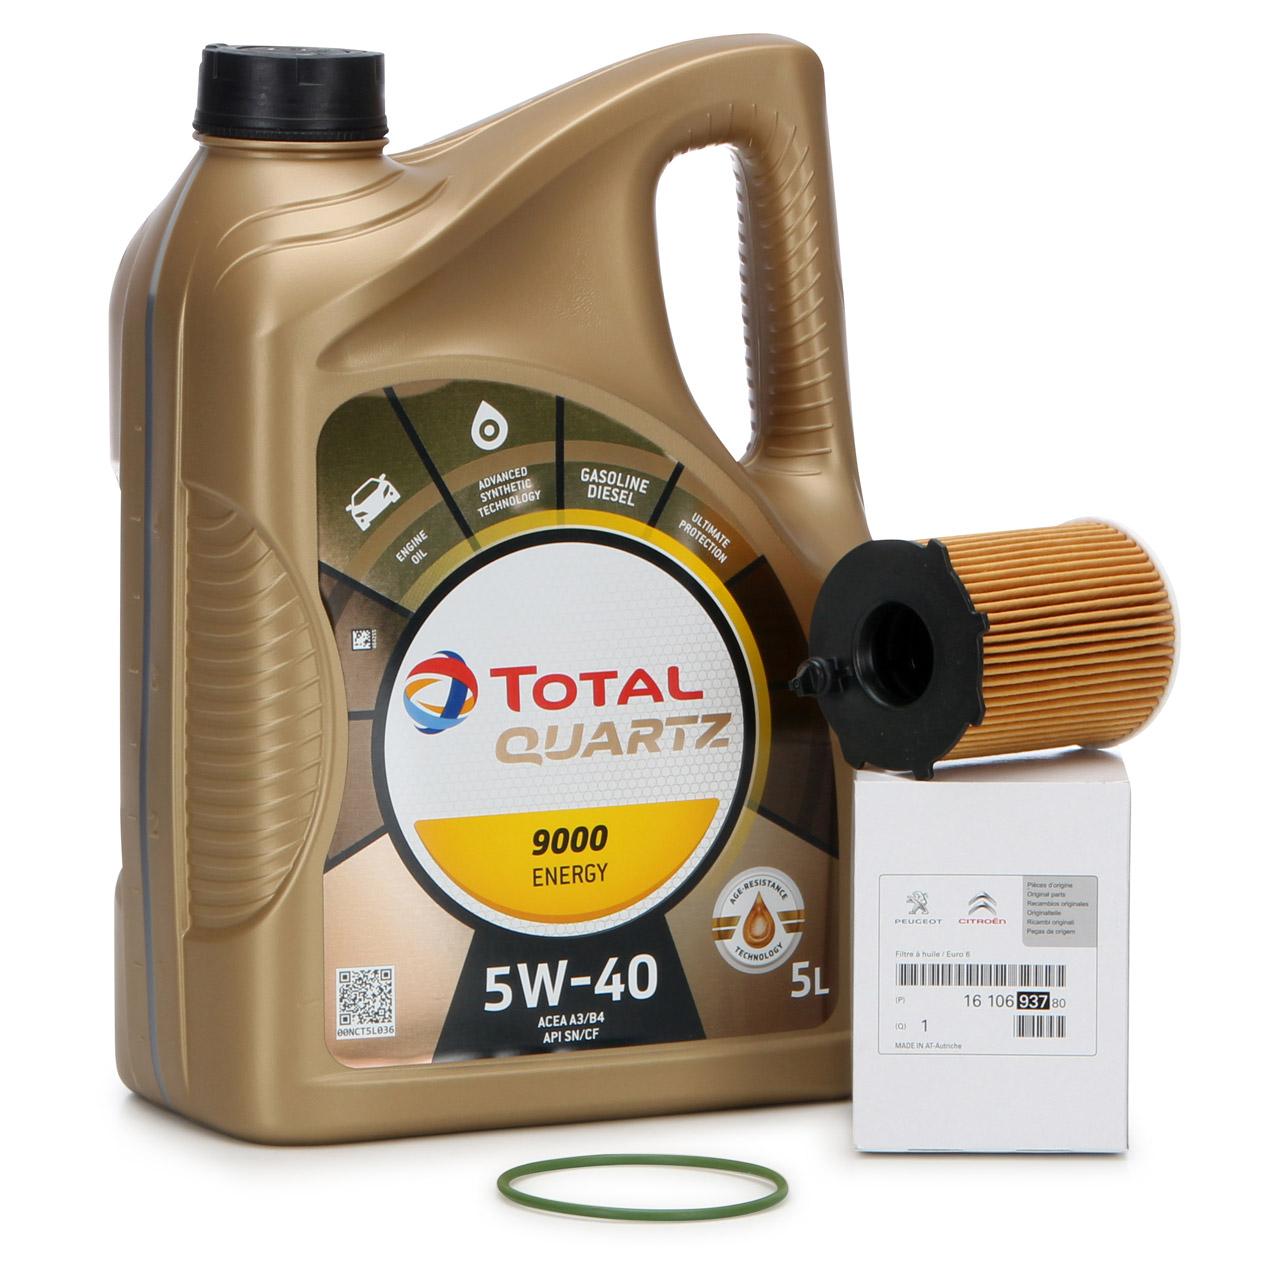 TOTAL QUARTZ 9000 ENERGY 5W-40 5 L + ORIGINAL PSA Ölfilter 1610693780